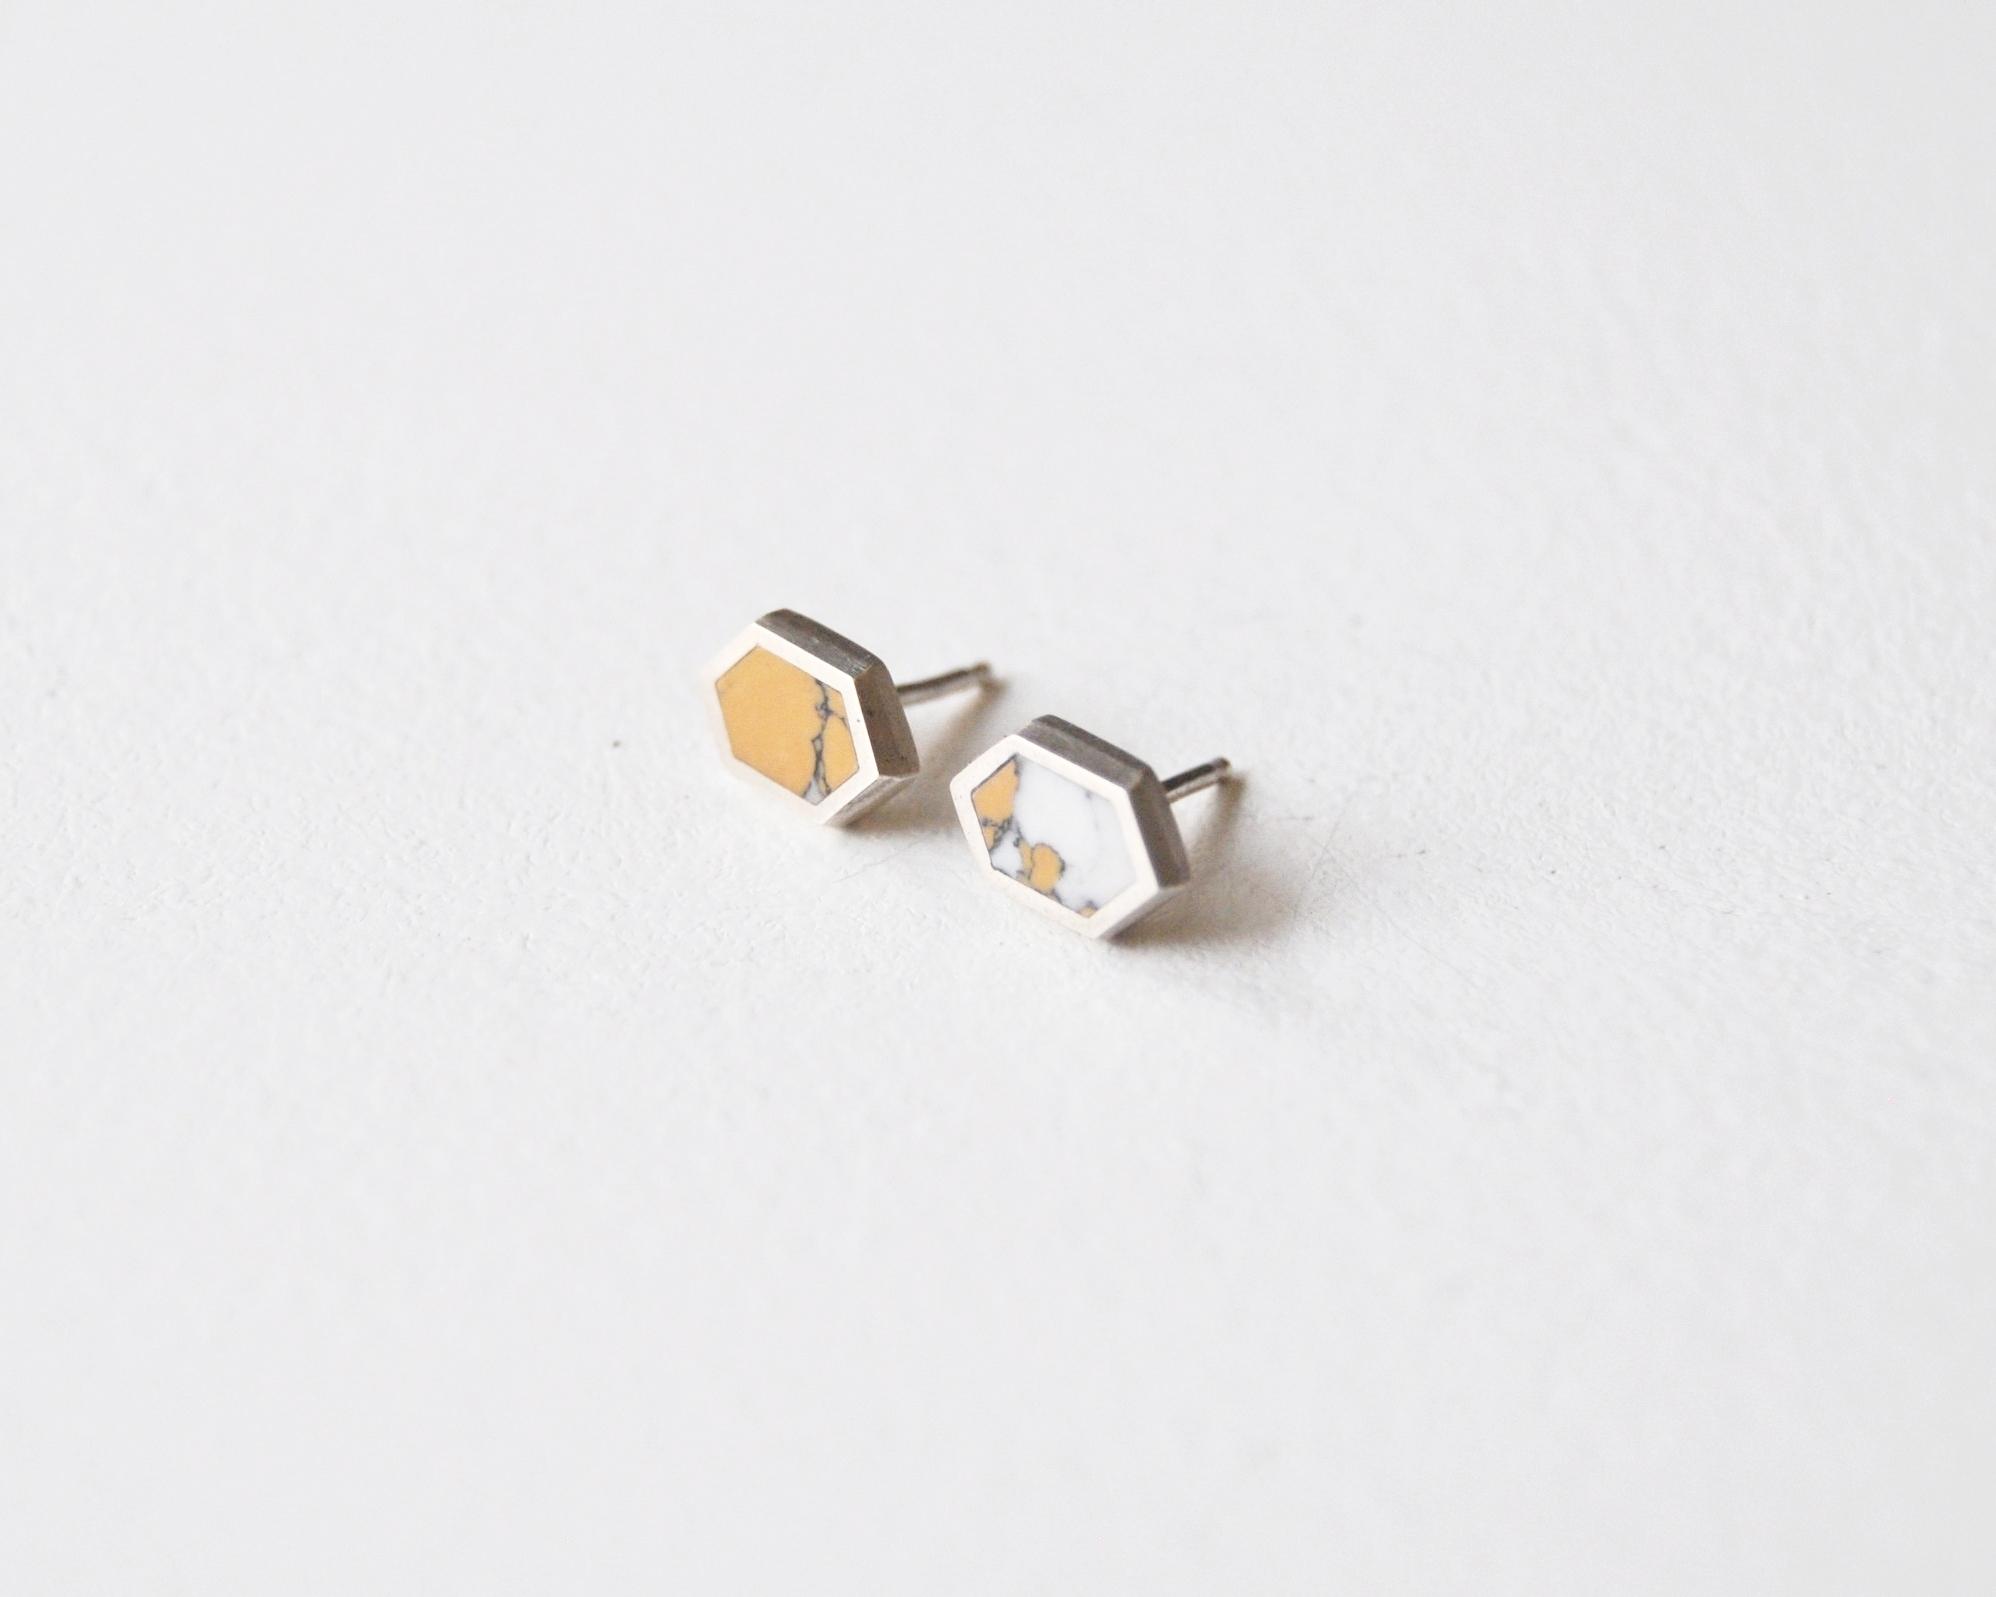 Marisa-Lomonaco-Jewelry-Beacon-NY-014-1.jpg